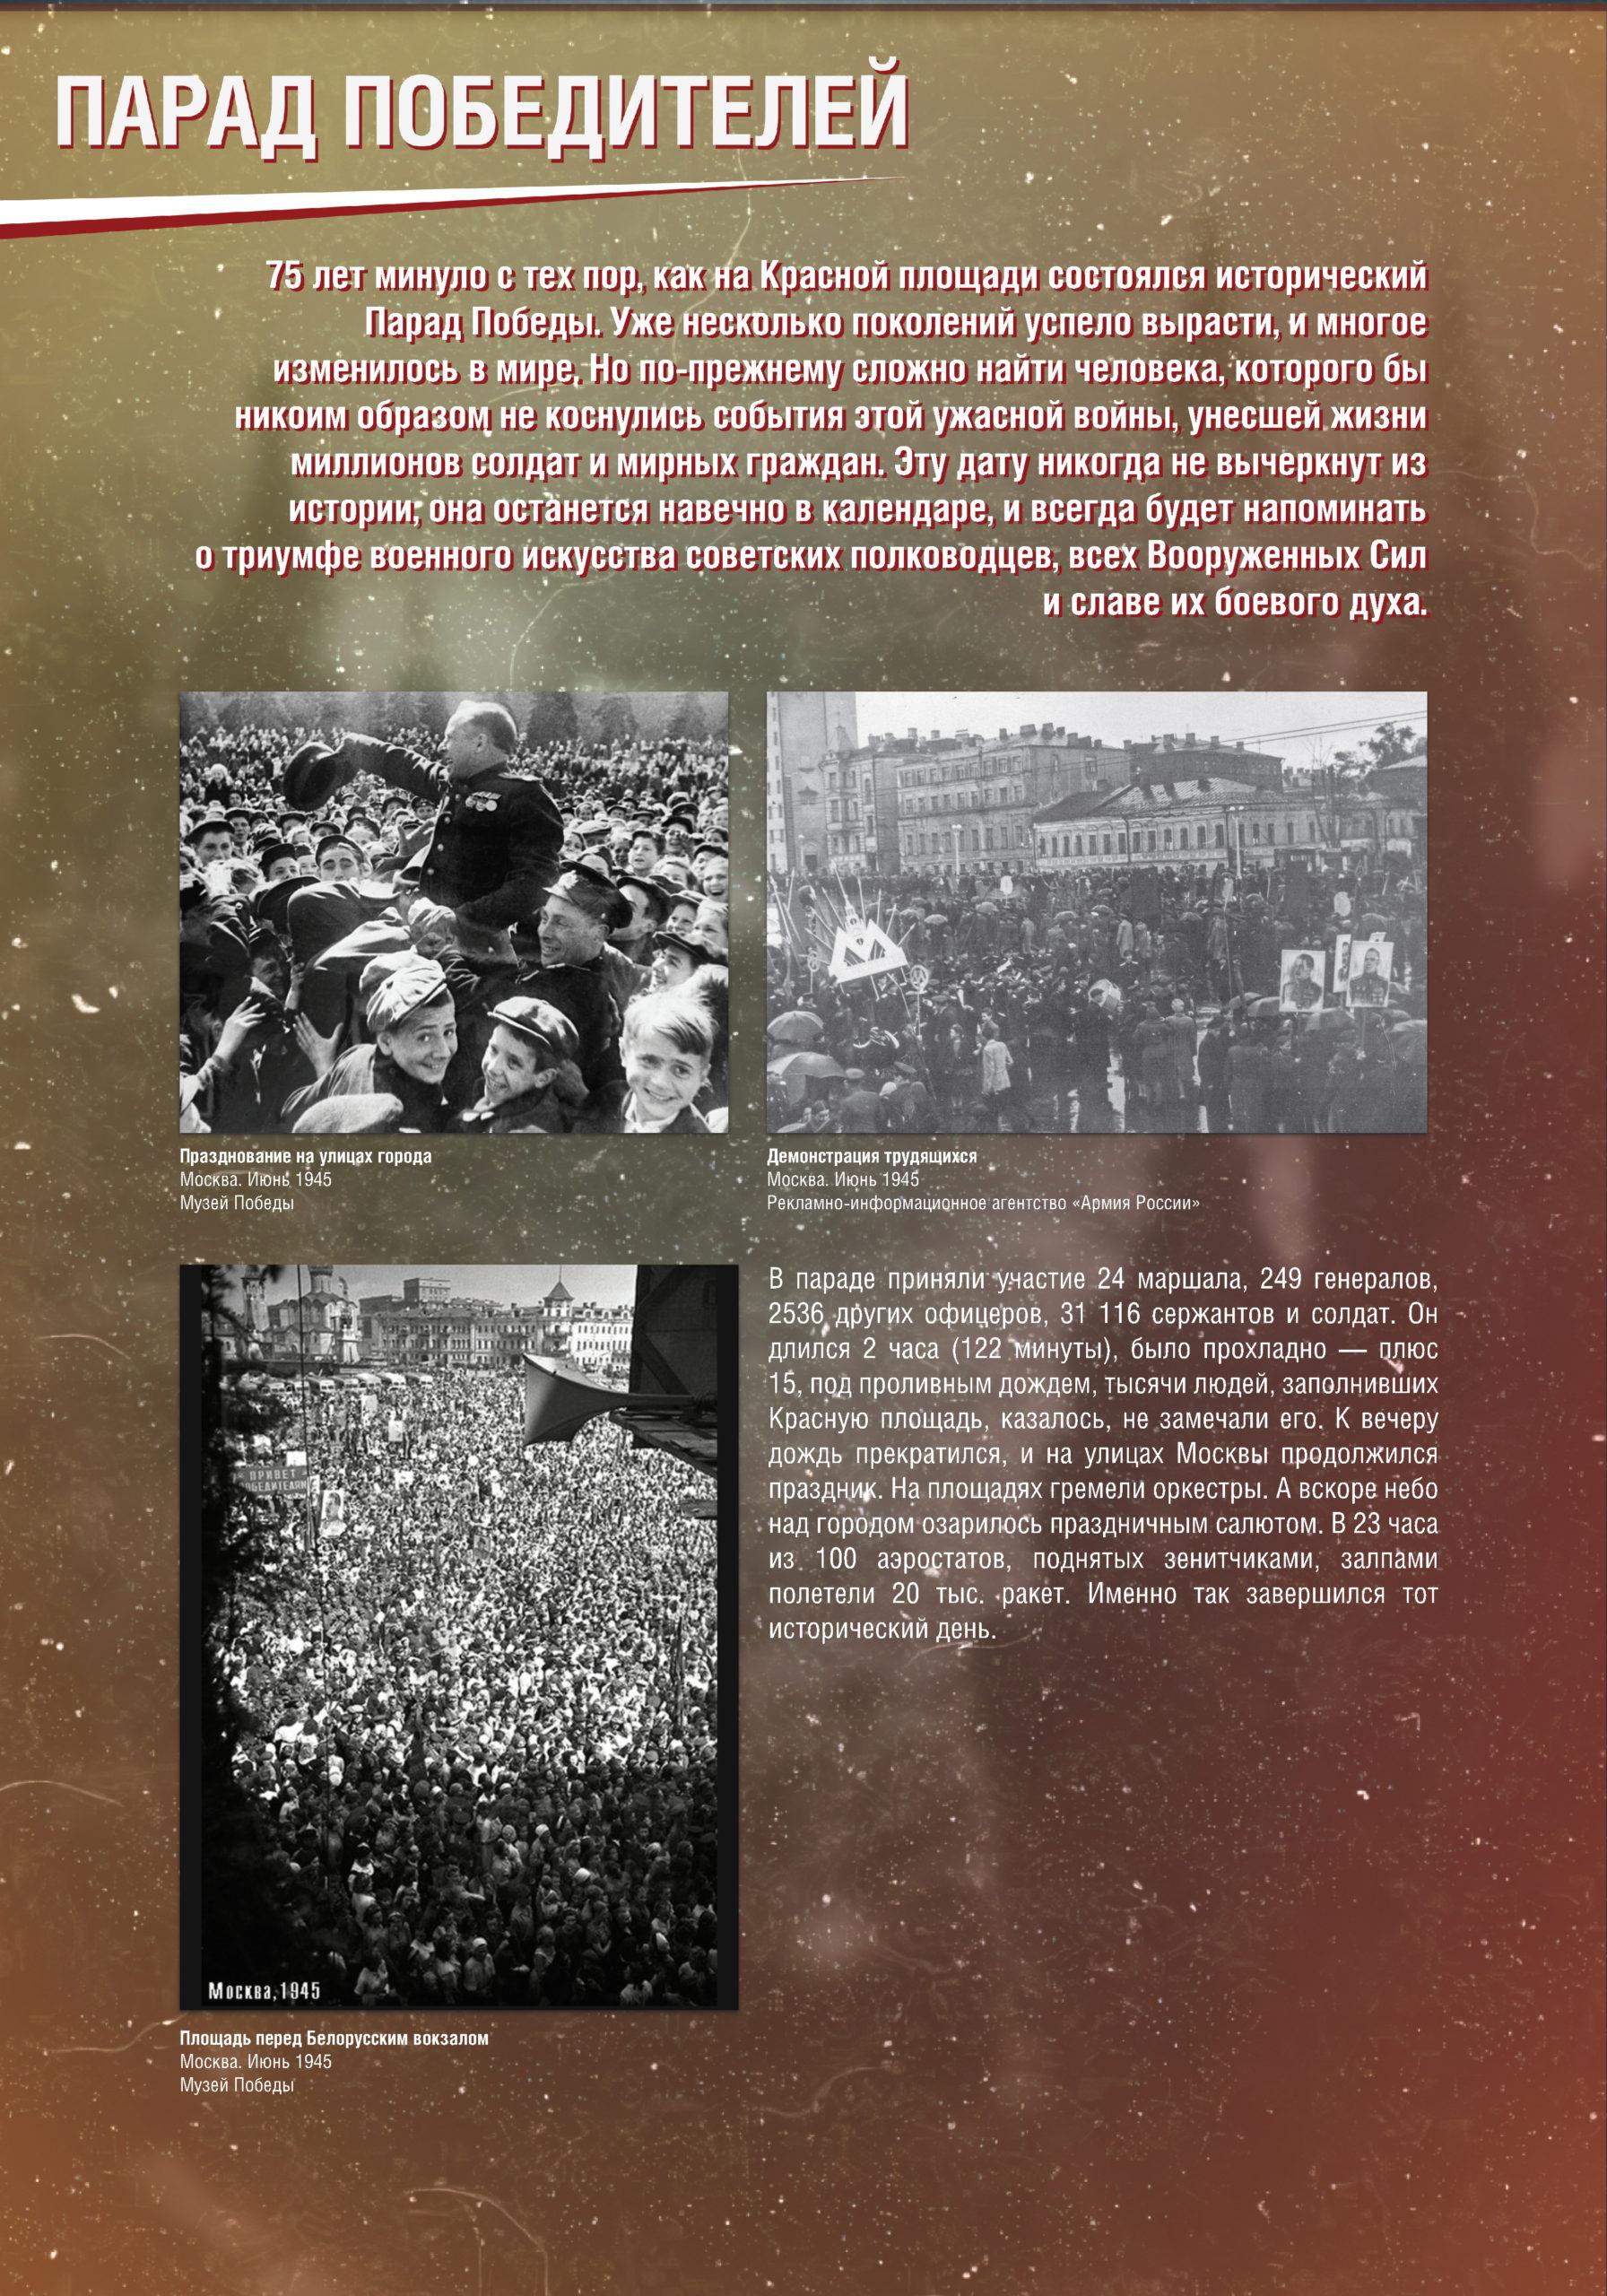 parad_pobediteley_1906_Page28